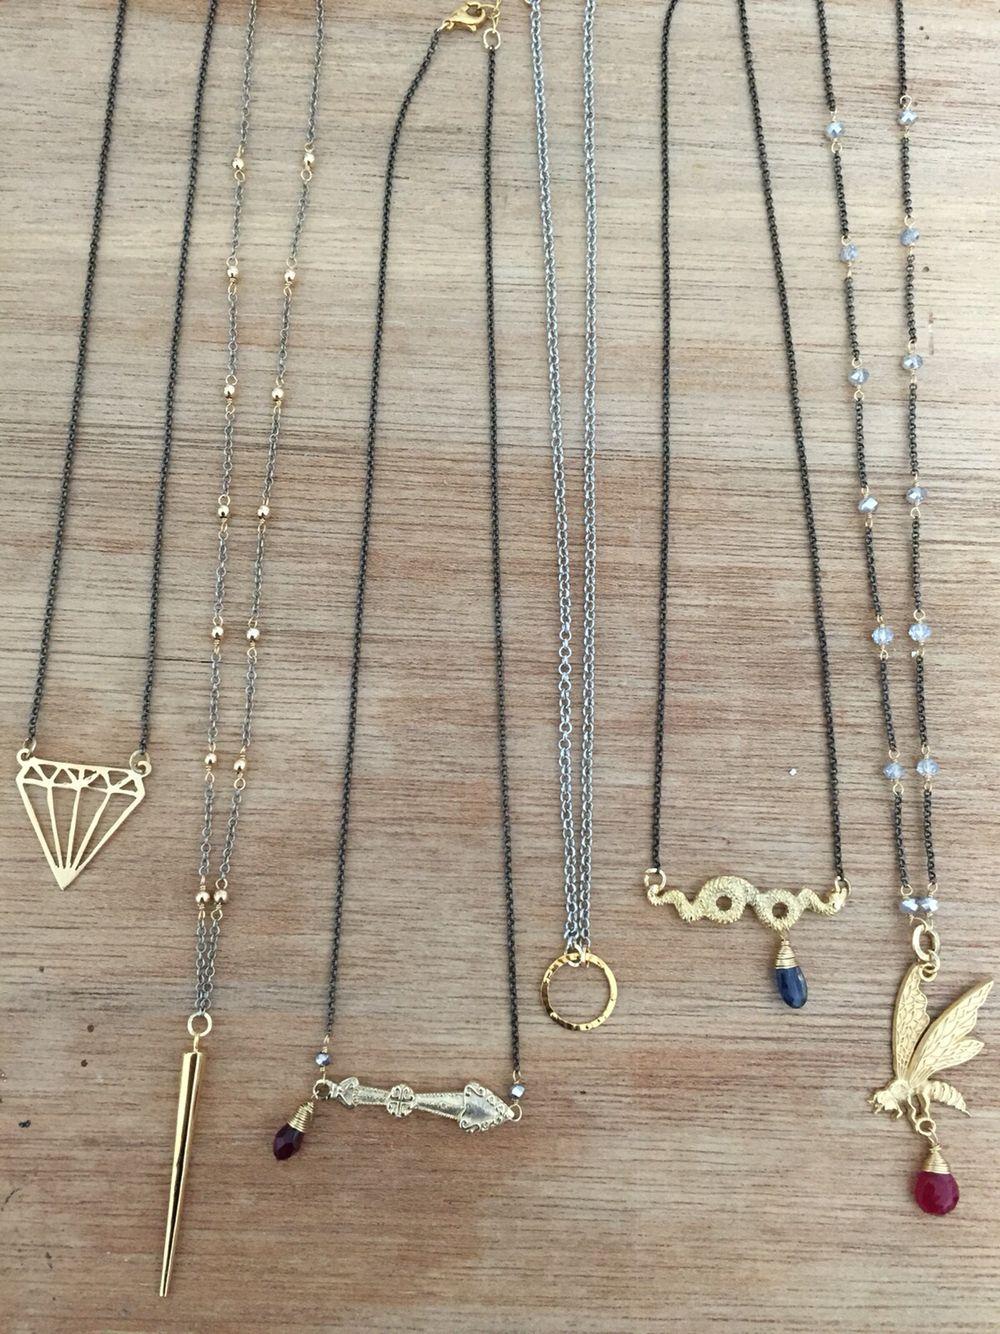 dabede52f7f8 Collares largos con dije bañado en oro  accesorios  moda  cadena  joyeria   jewelry  fashion